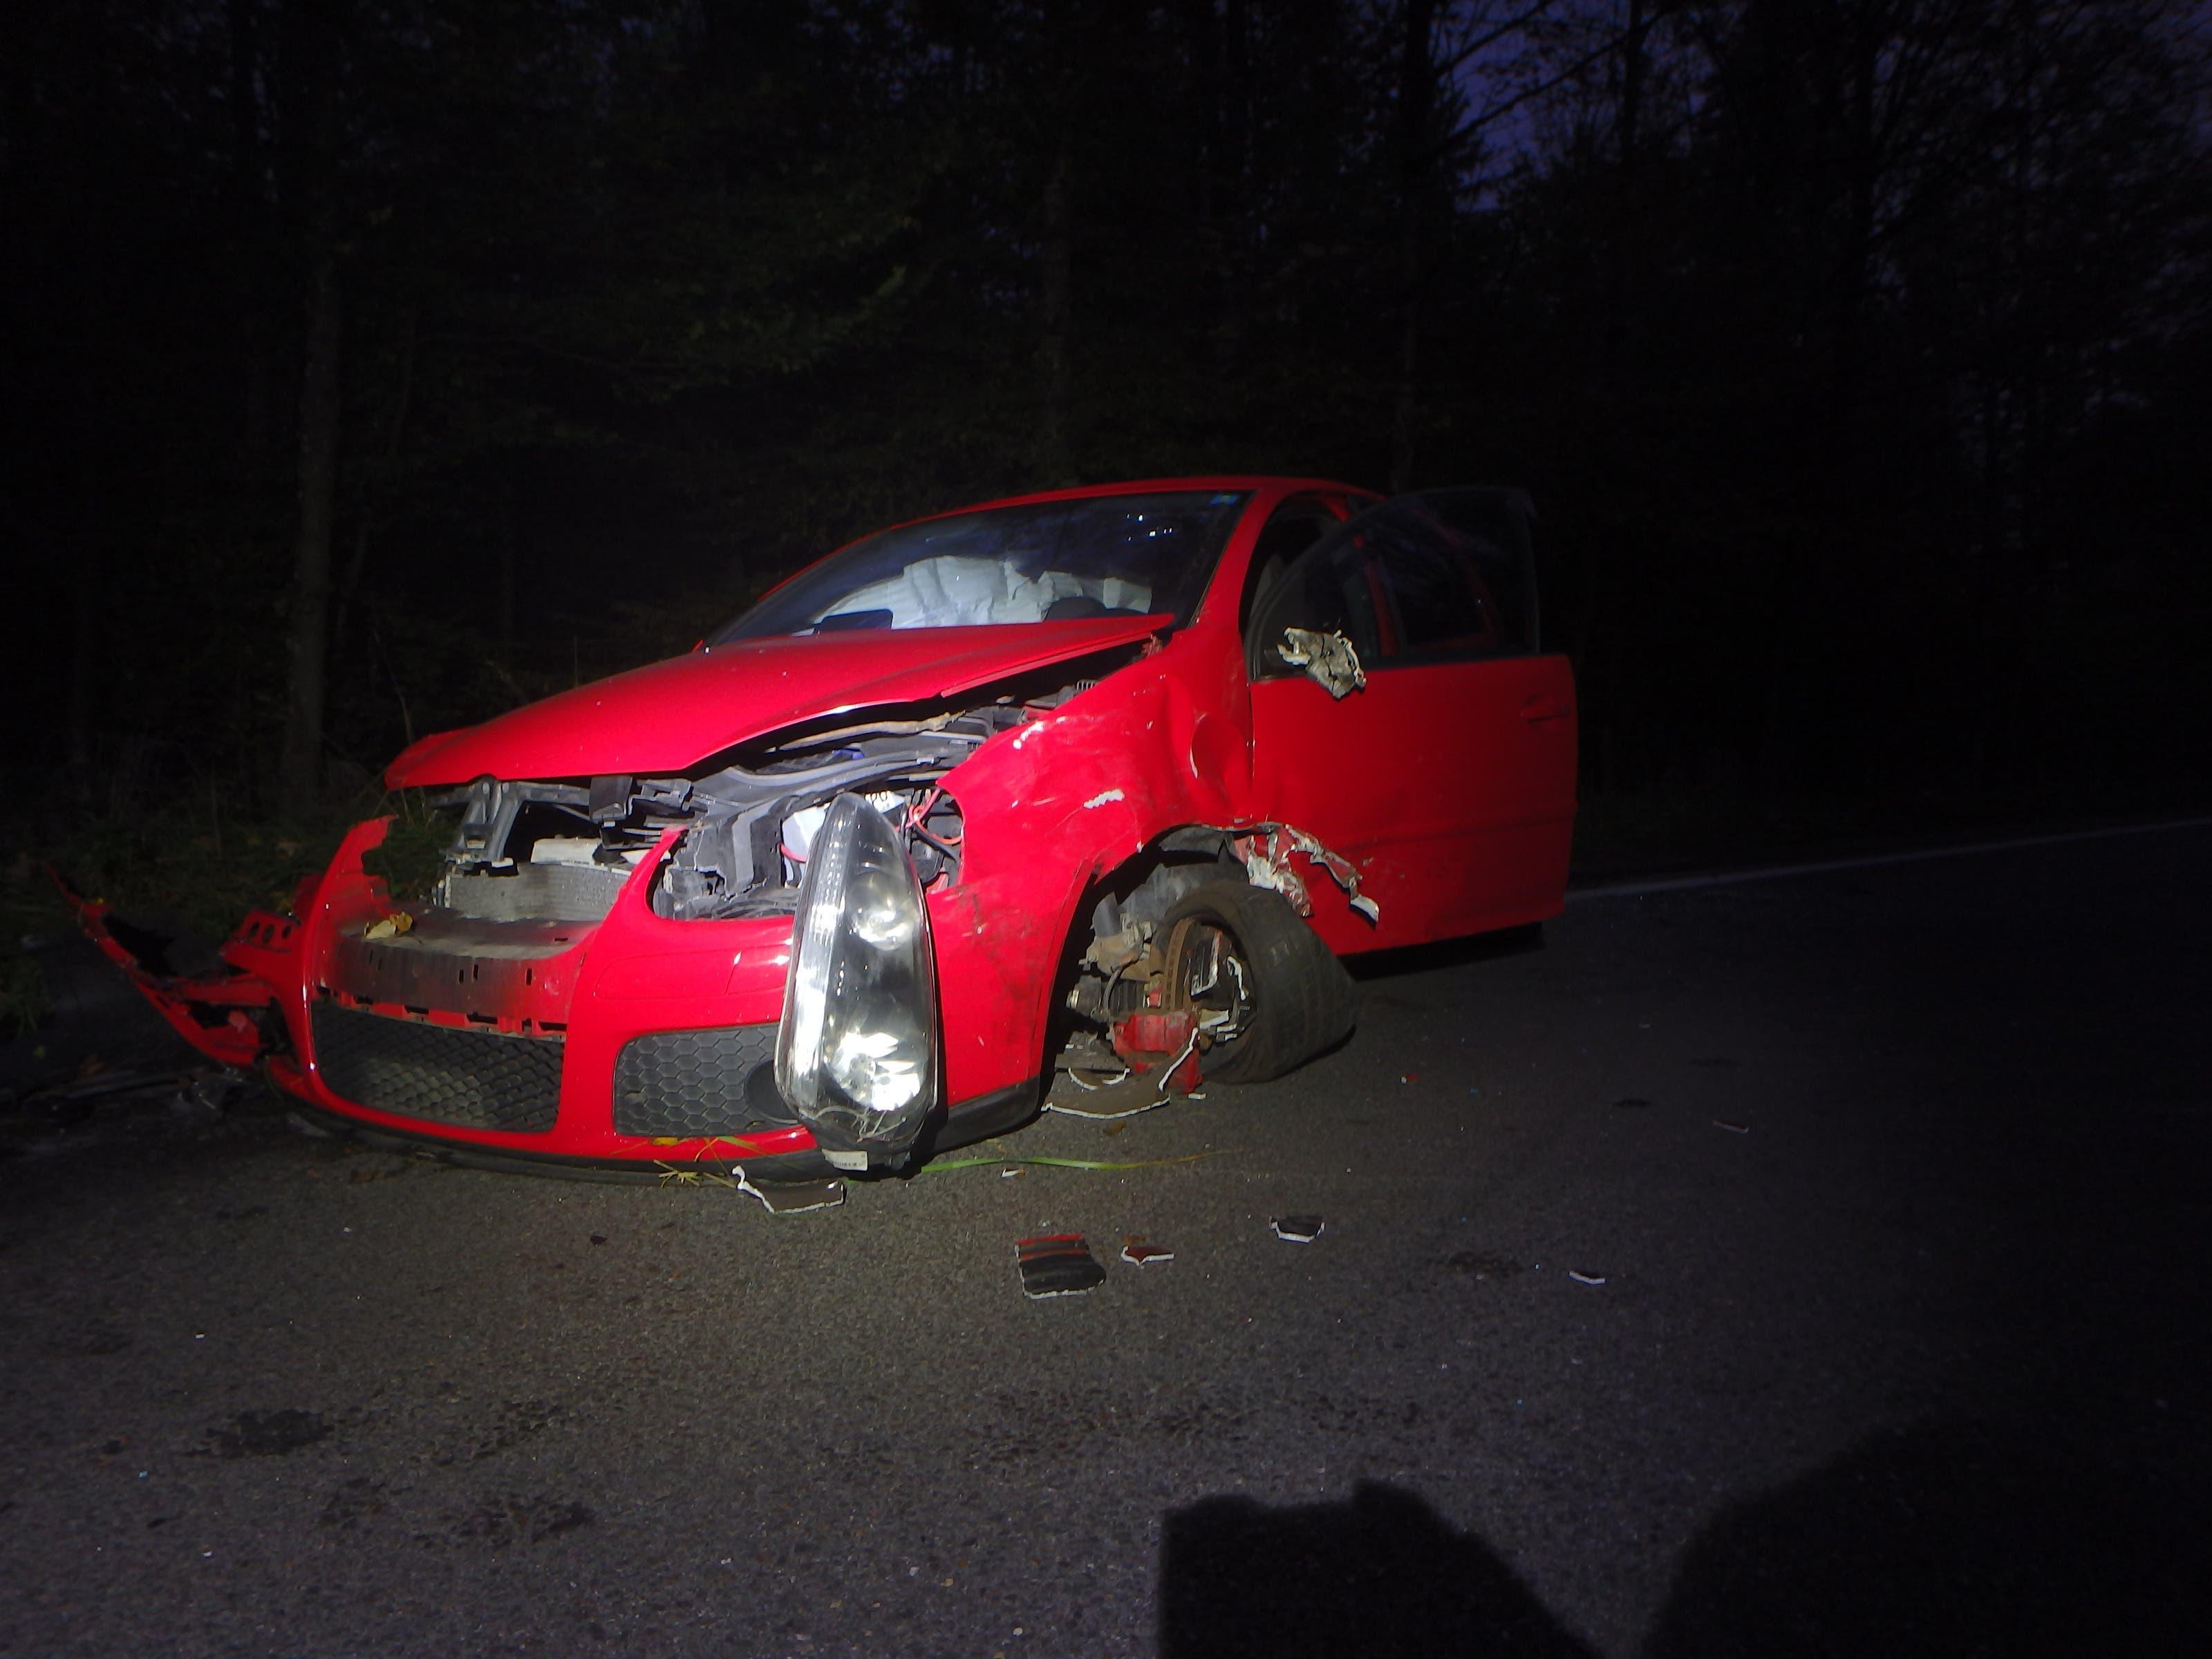 Die 30-jährige Autolenkerin geriet aus noch unbekannten Gründen mit ihrem VW Golf auf die Gegenfahrbahn.